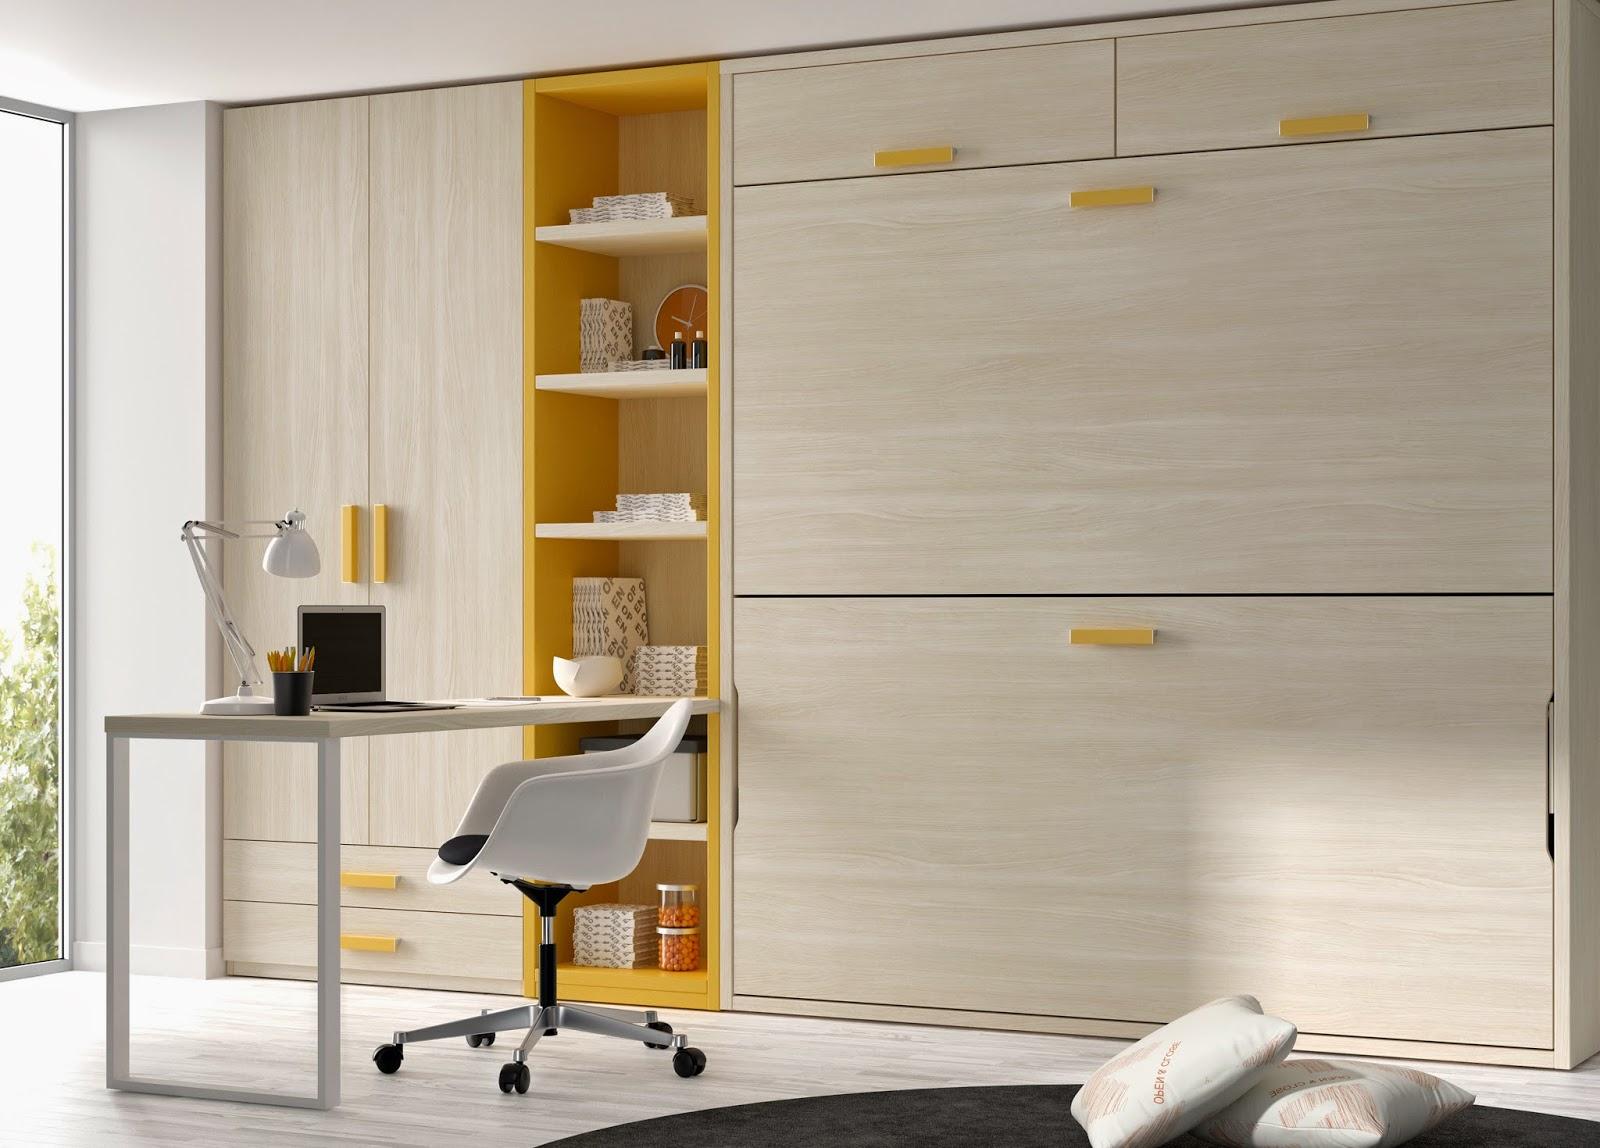 Poco espacio te lo solucionan las nuevas camas abatibles de muebles ros - Soluciones escaleras poco espacio ...